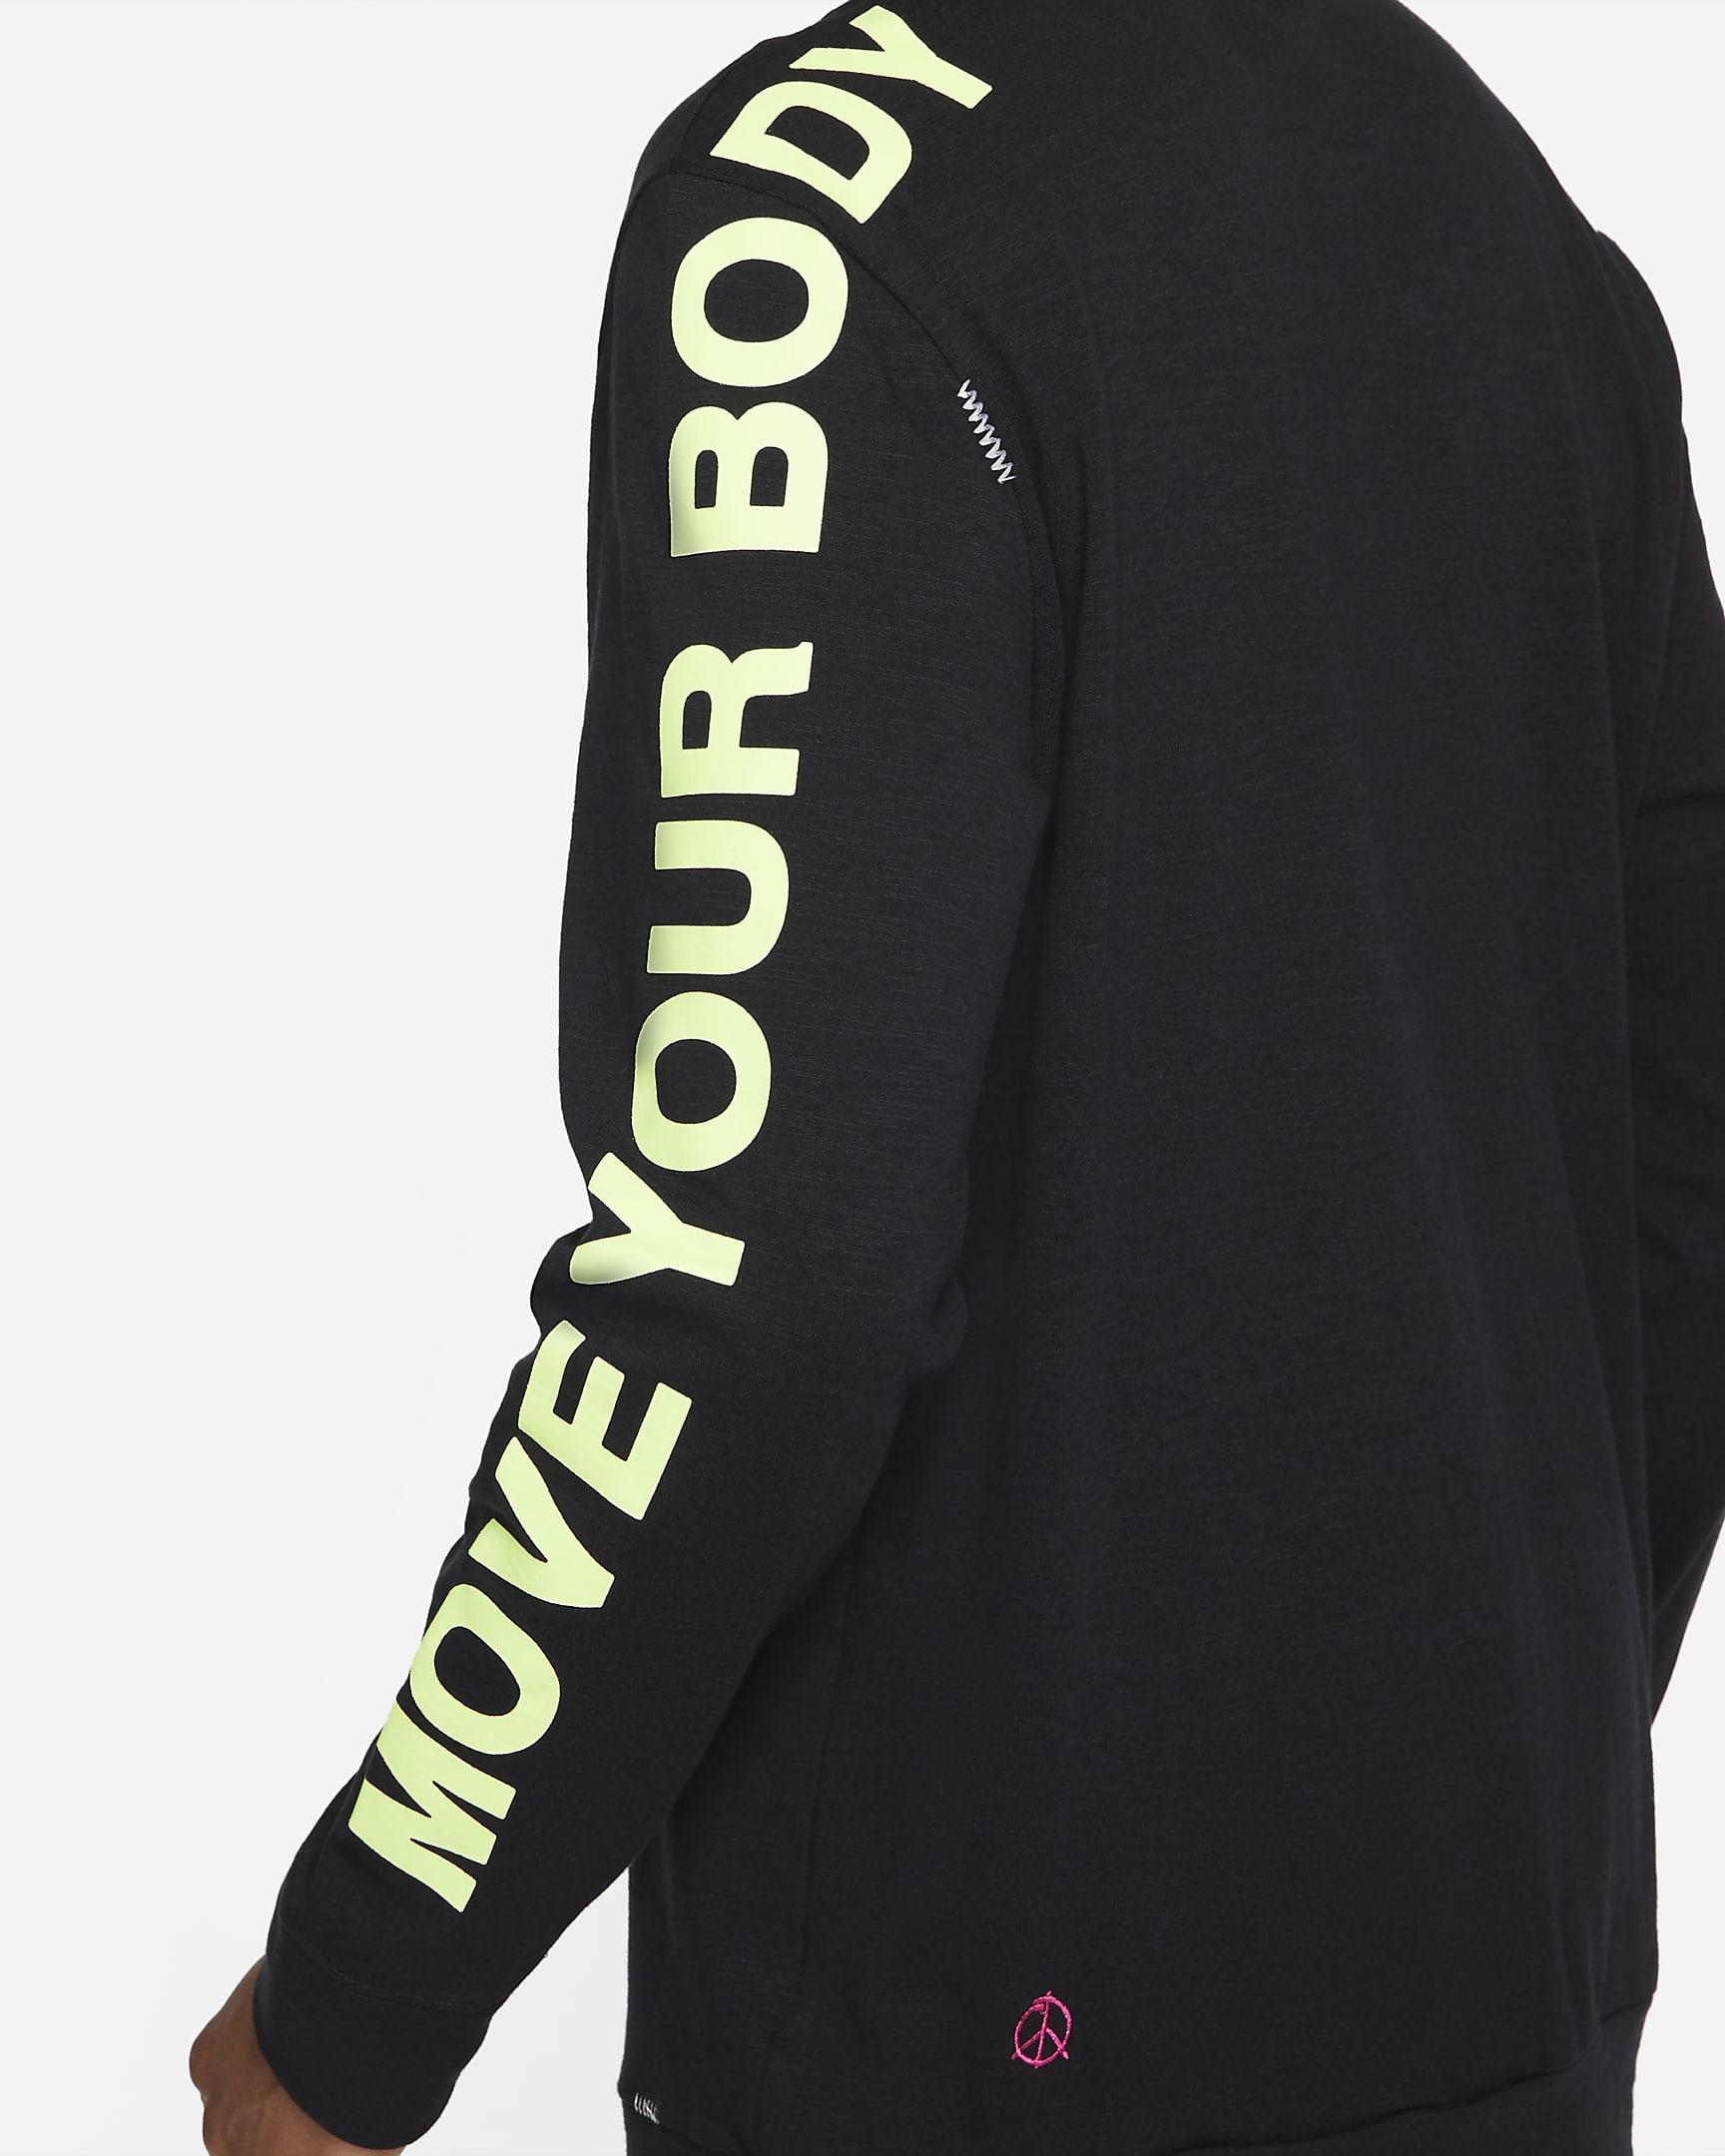 sportswear-mens-long-sleeve-top-HkJnlK-4